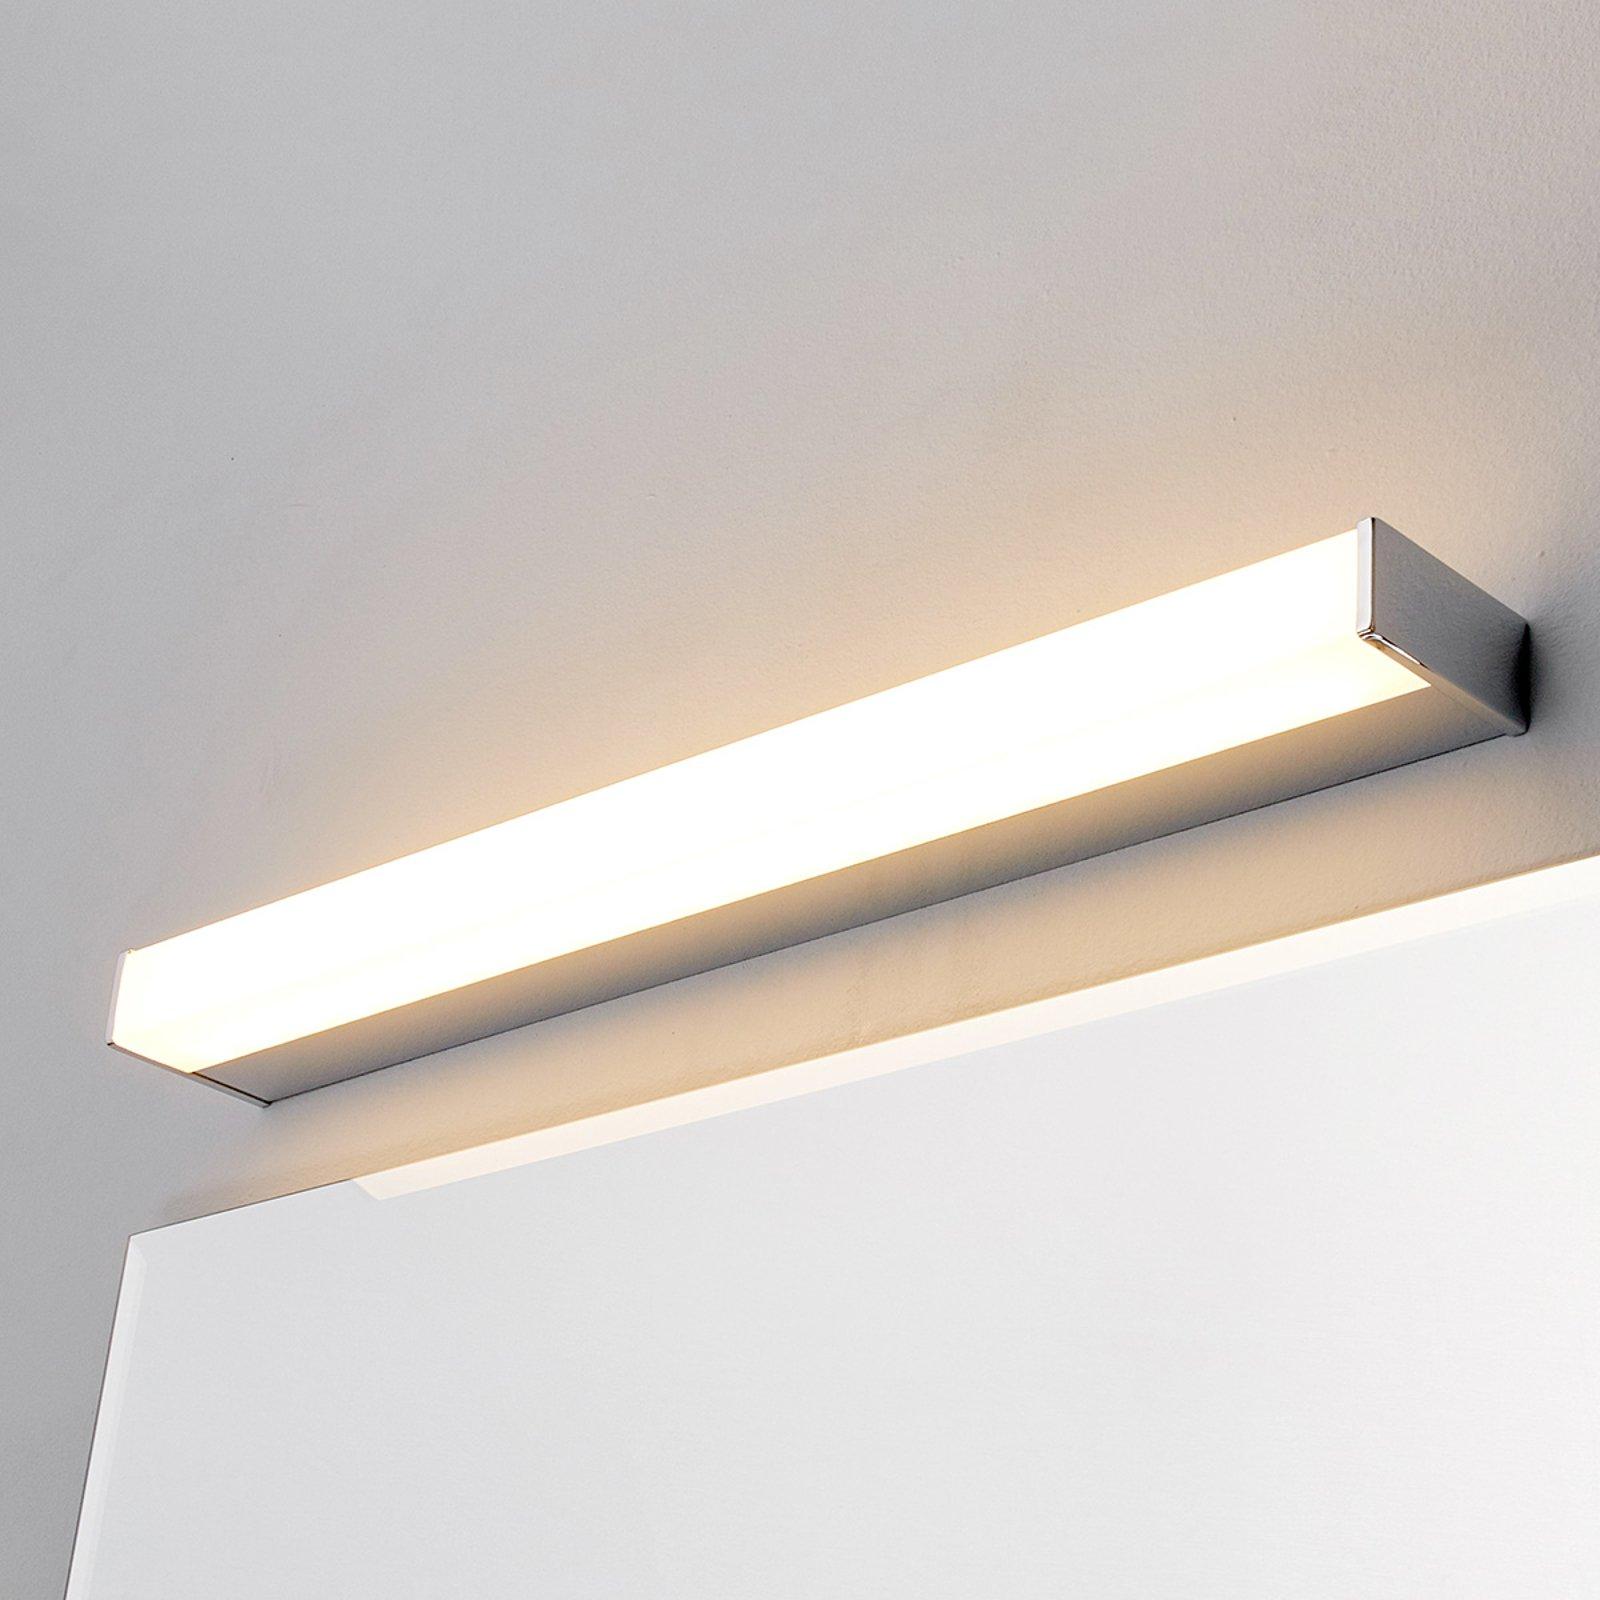 LED-bad- og speillampe Philippa kantet 58,8cm